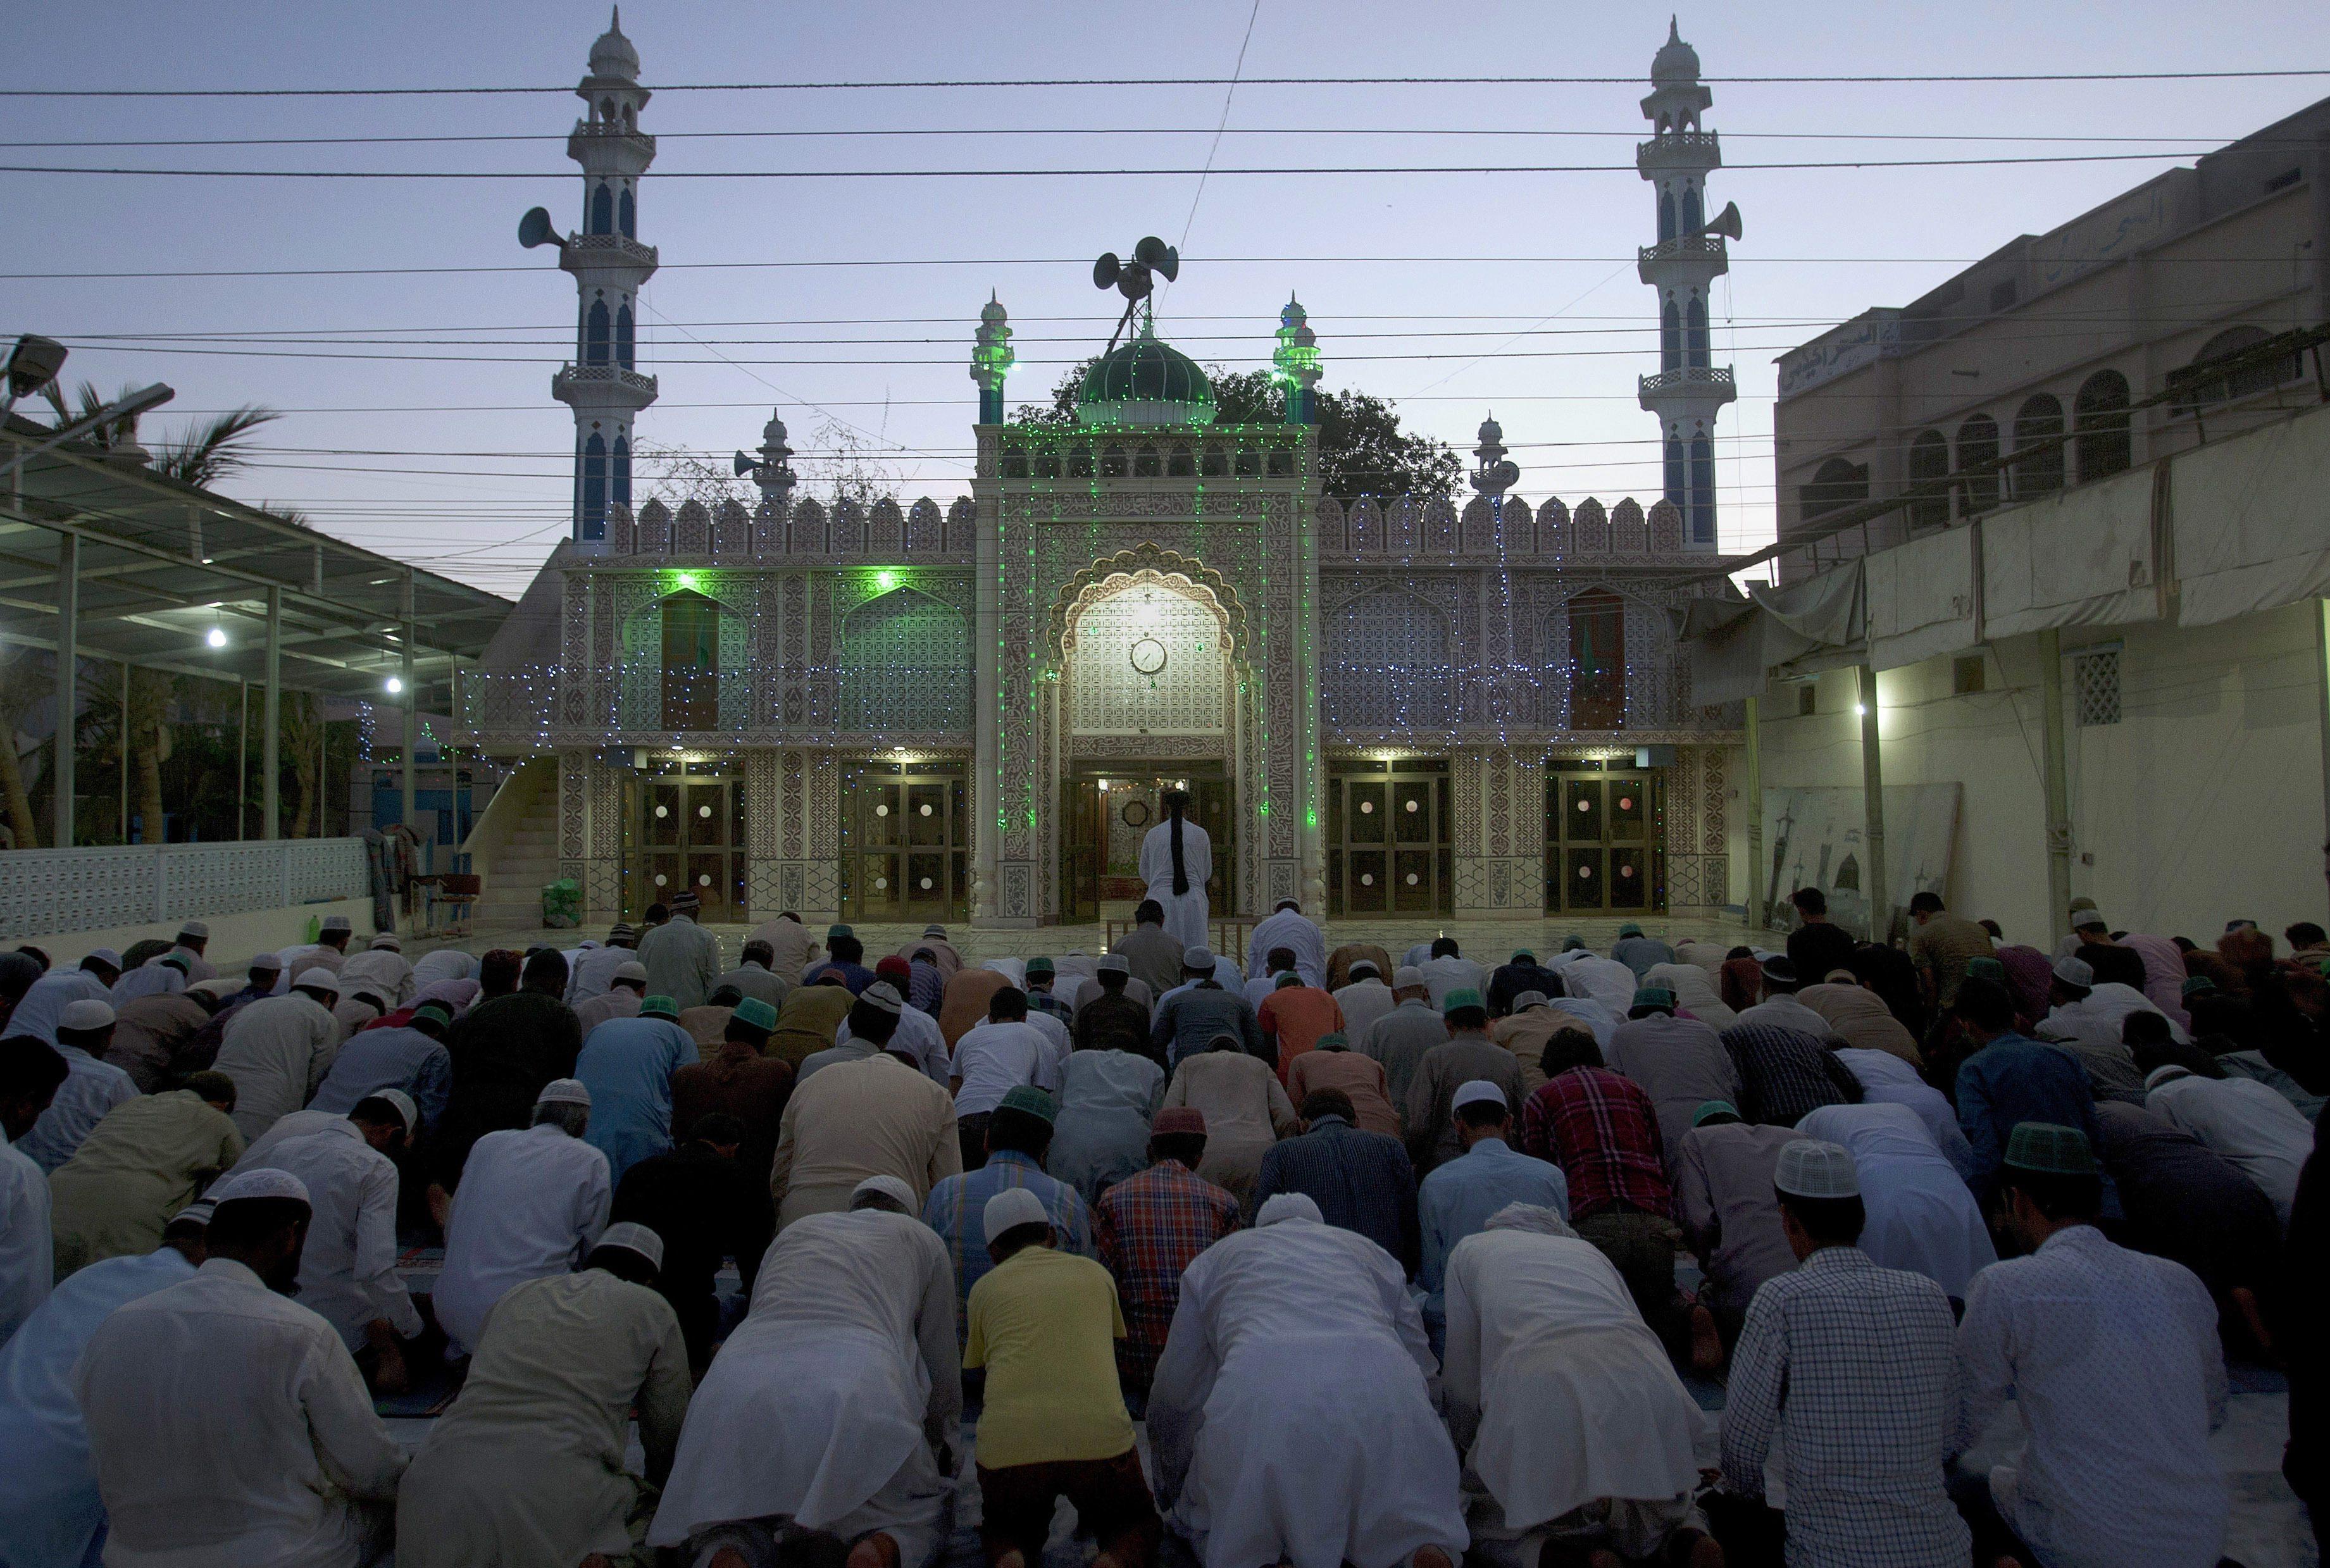 5 things to know about ramadan citynews toronto 5 things to know about ramadan kristyandbryce Images